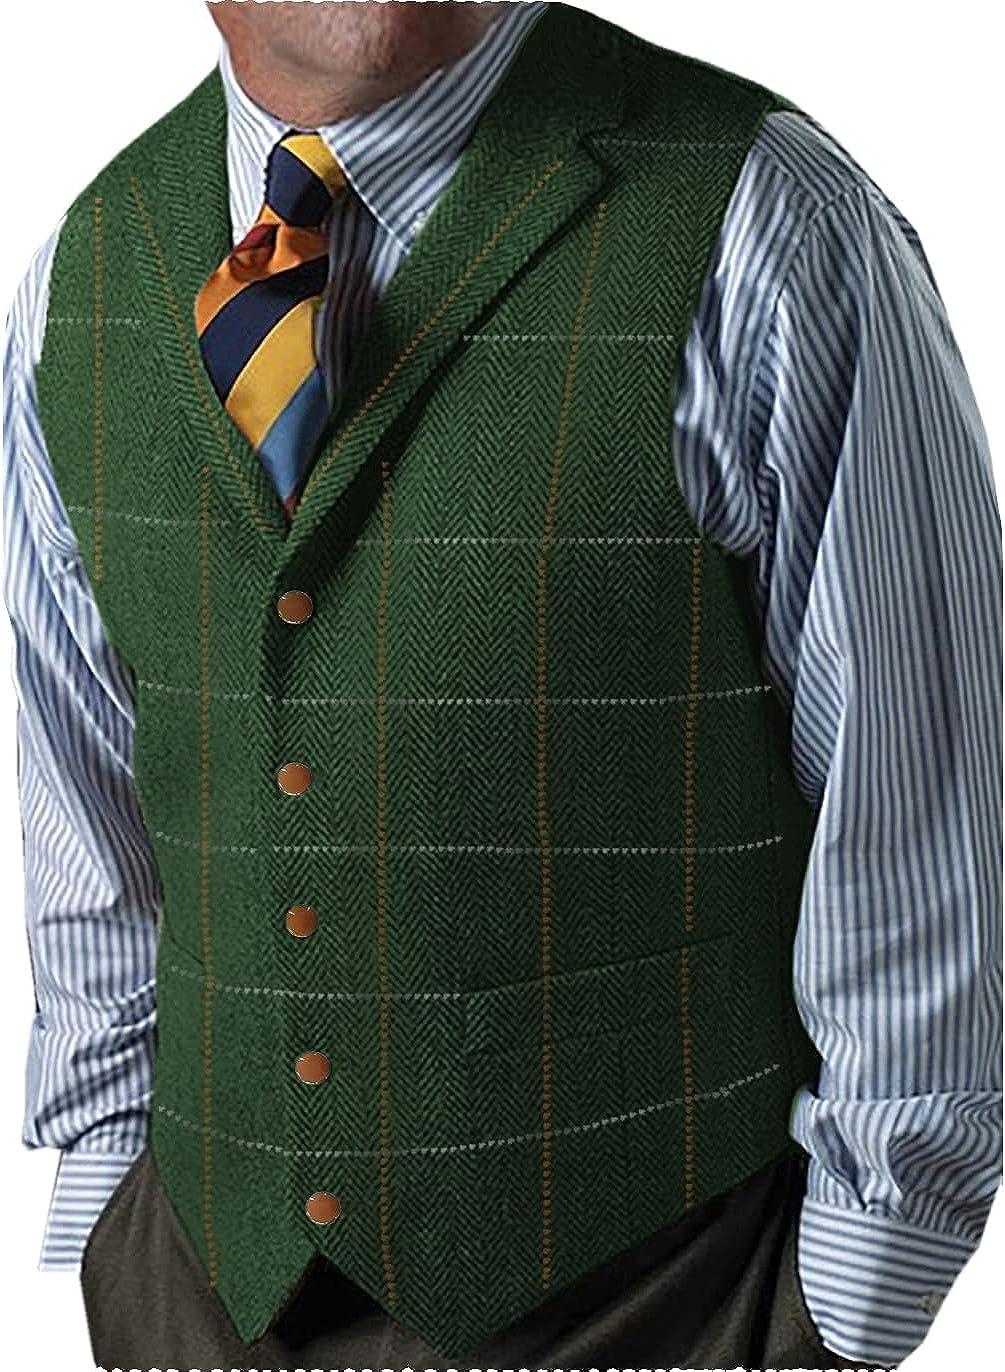 Fashion Men's Suits Vest Tweed Wool Plaid Herringbone Business Waistcoat for Wedding Groomsmen